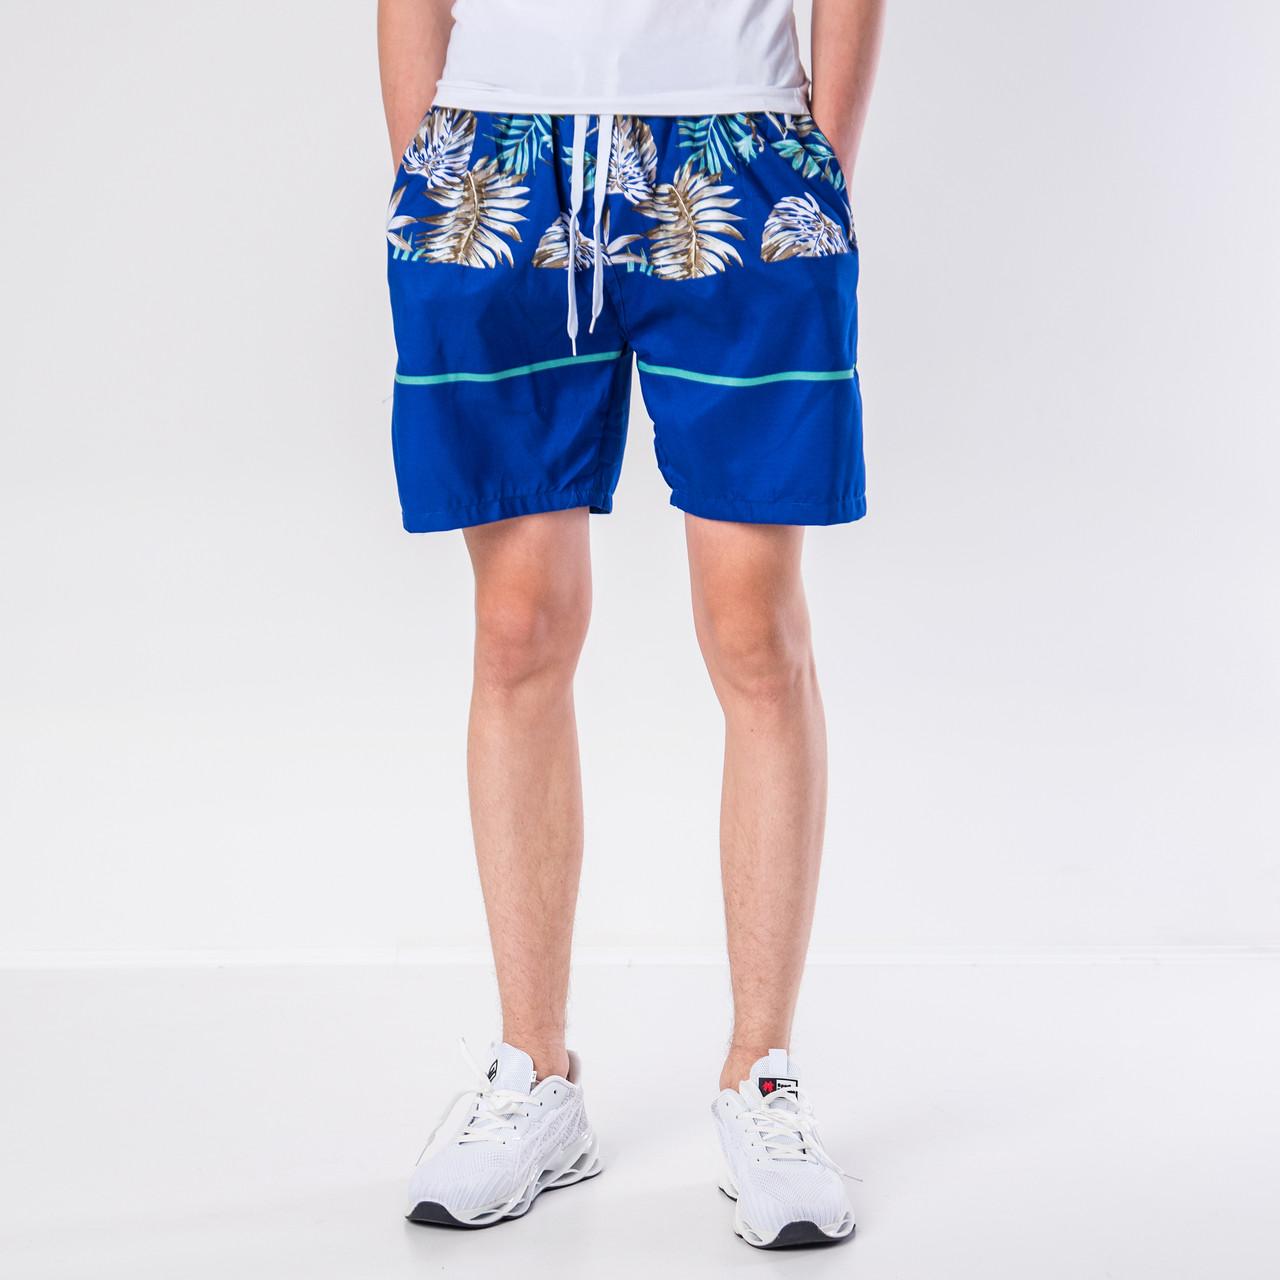 Мужские шорты (плащевка), синего цвета